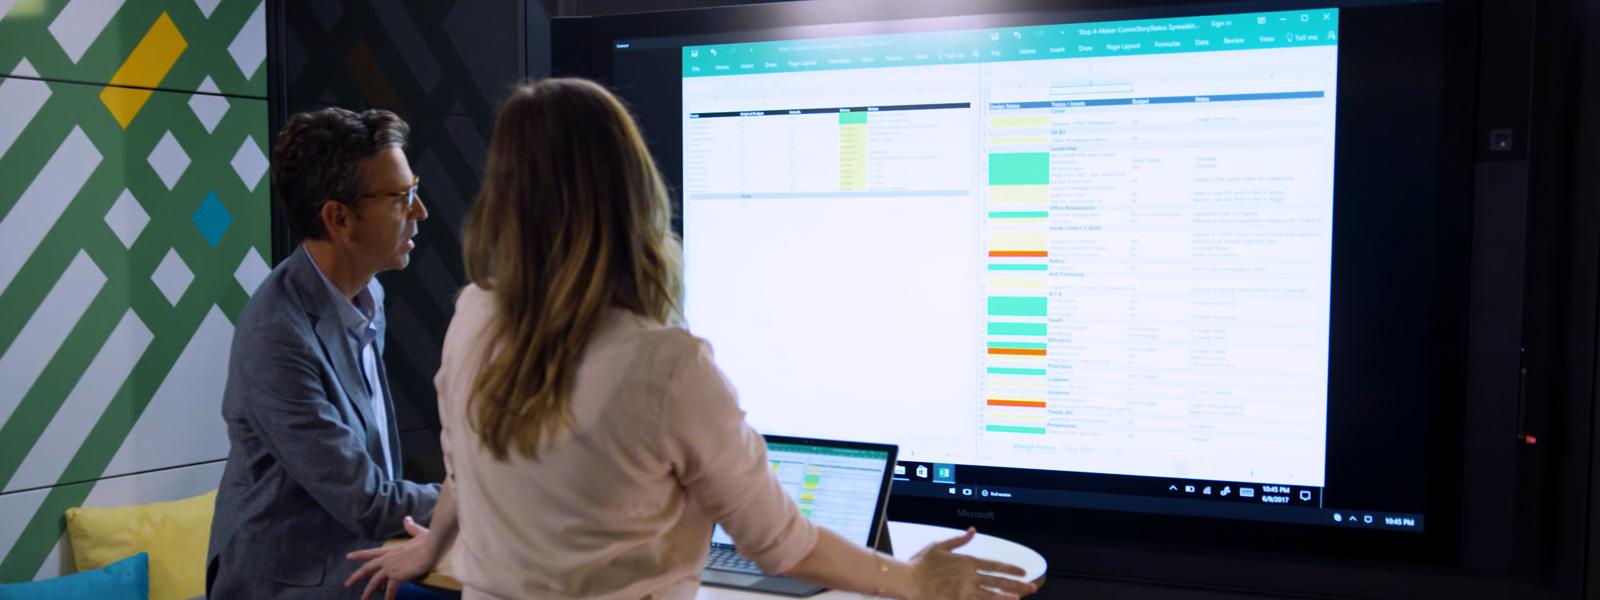 Ett av de 5 Steelcase-utrymmen utformade för att fungera med Surface-enheter, där en kvinna och en man använder en Surface Hub.